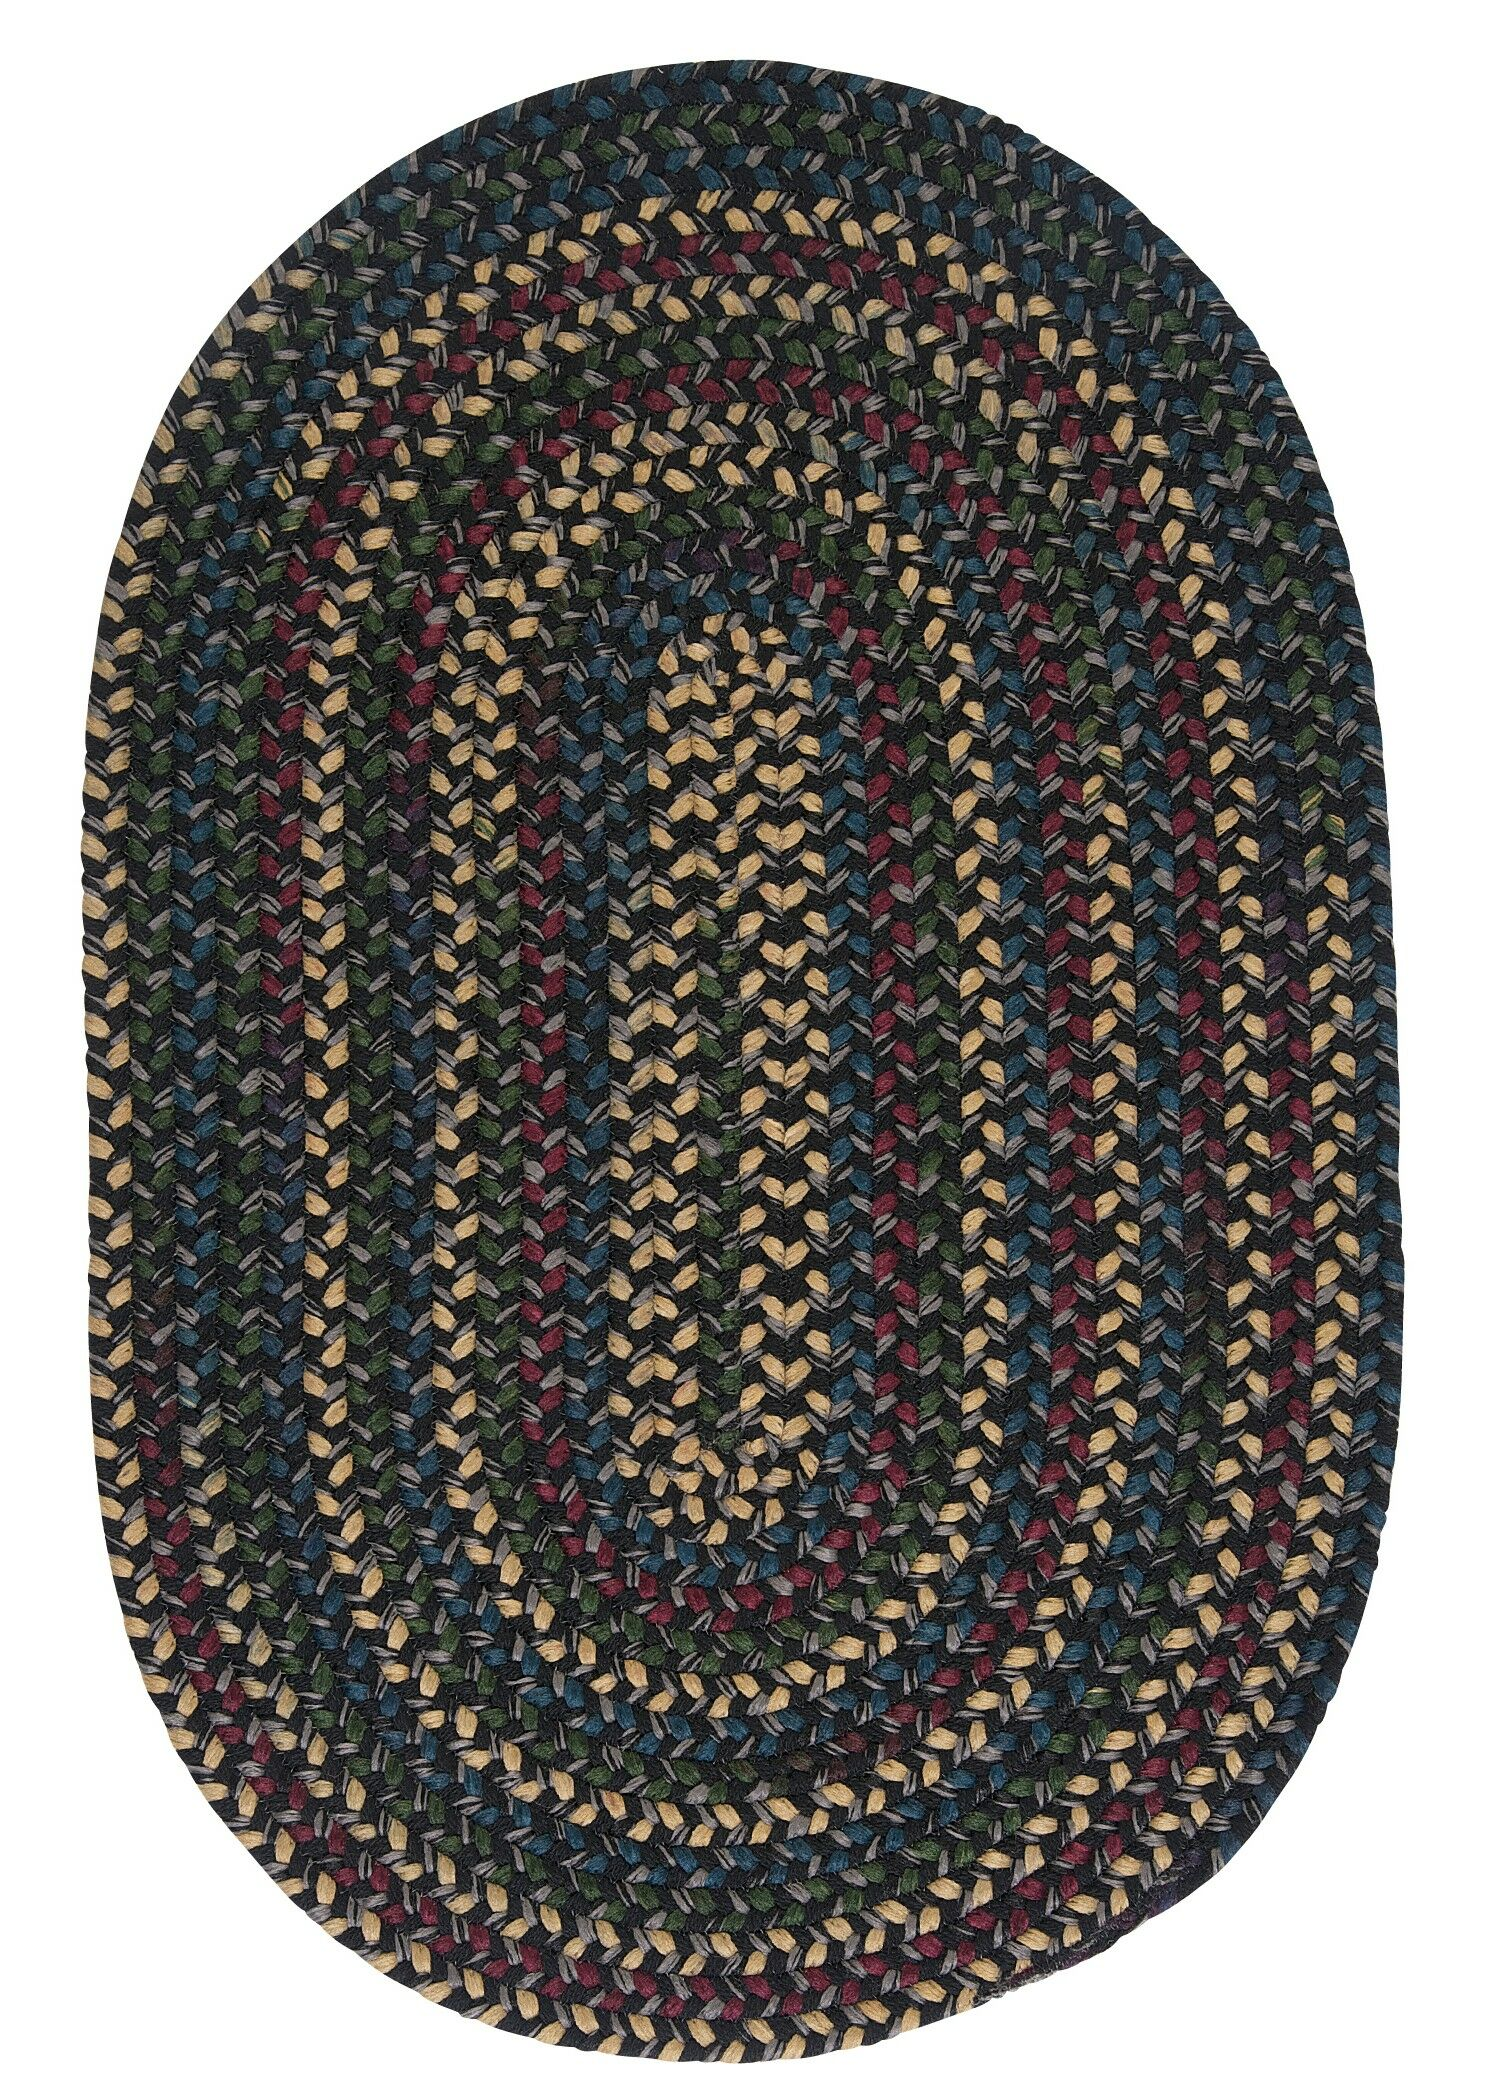 Mclaughlin Carbon Rug Rug Size: Oval 5' x 8'